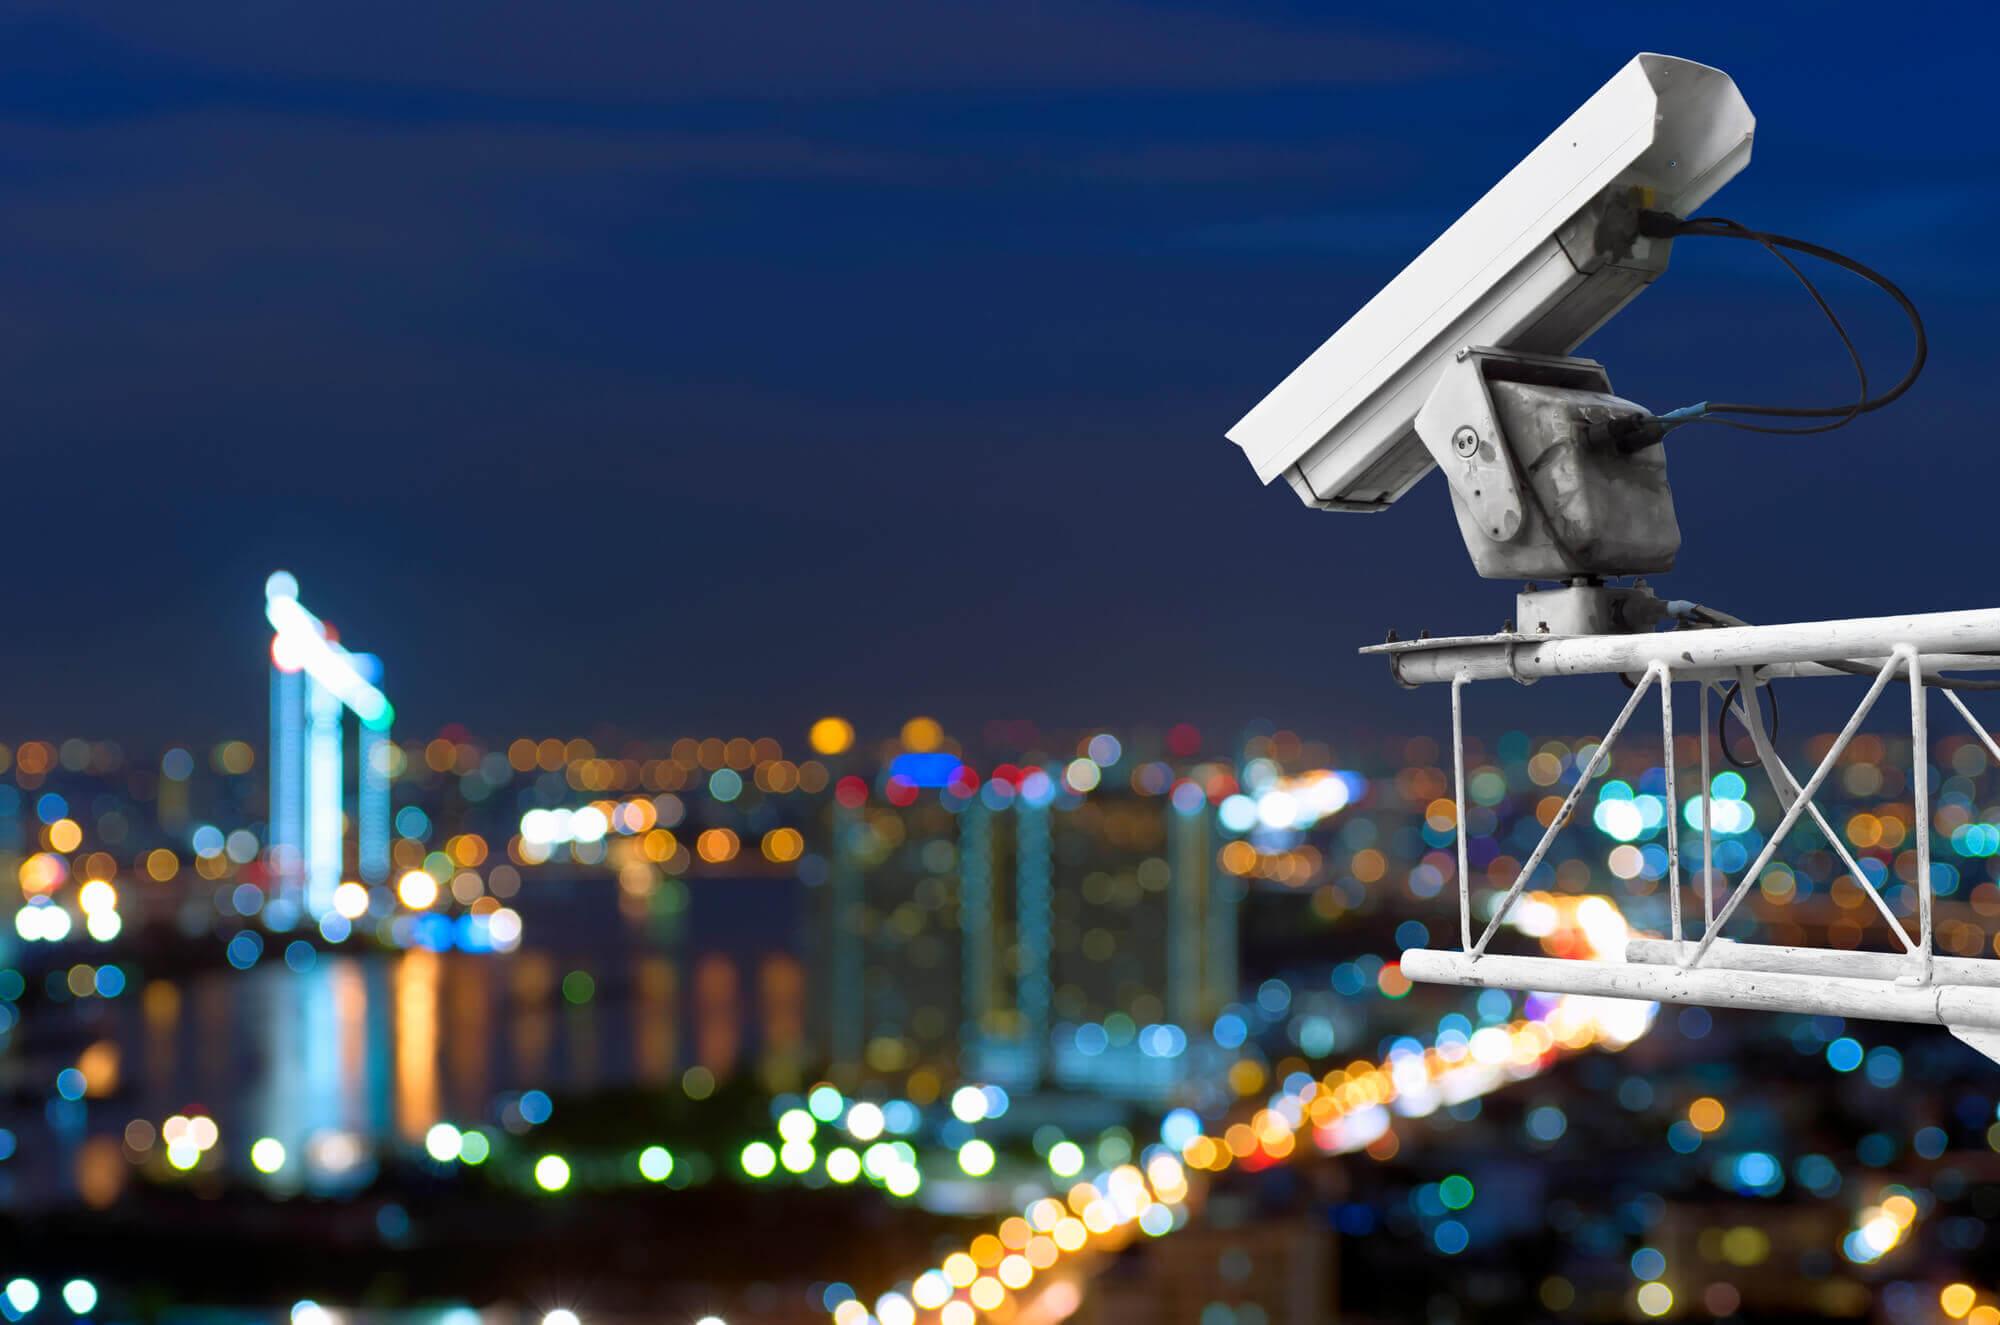 Quelle est la différence entre la surveillance et l'espionnage ?